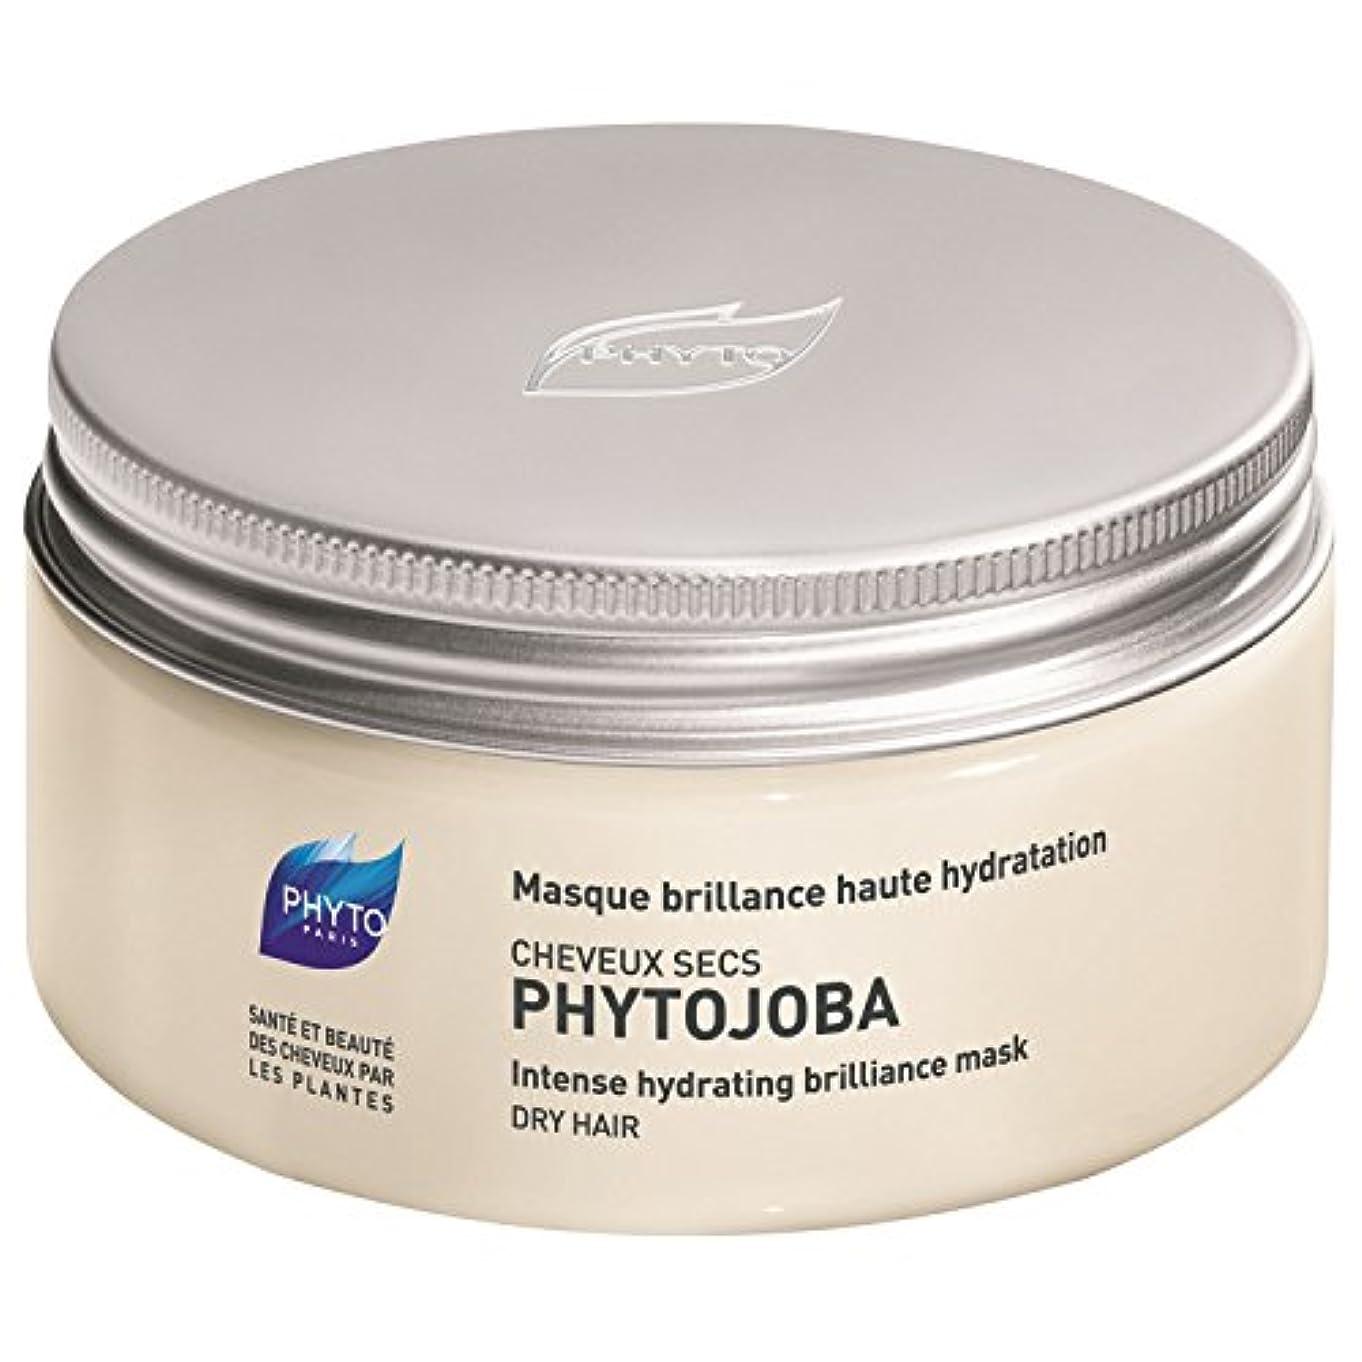 スキーム貫通コンサルタントフィトPhytojoba強烈な水分補給マスク200ミリリットル (Phyto) (x2) - Phyto Phytojoba Intense Hydrating Mask 200ml (Pack of 2) [並行輸入品]